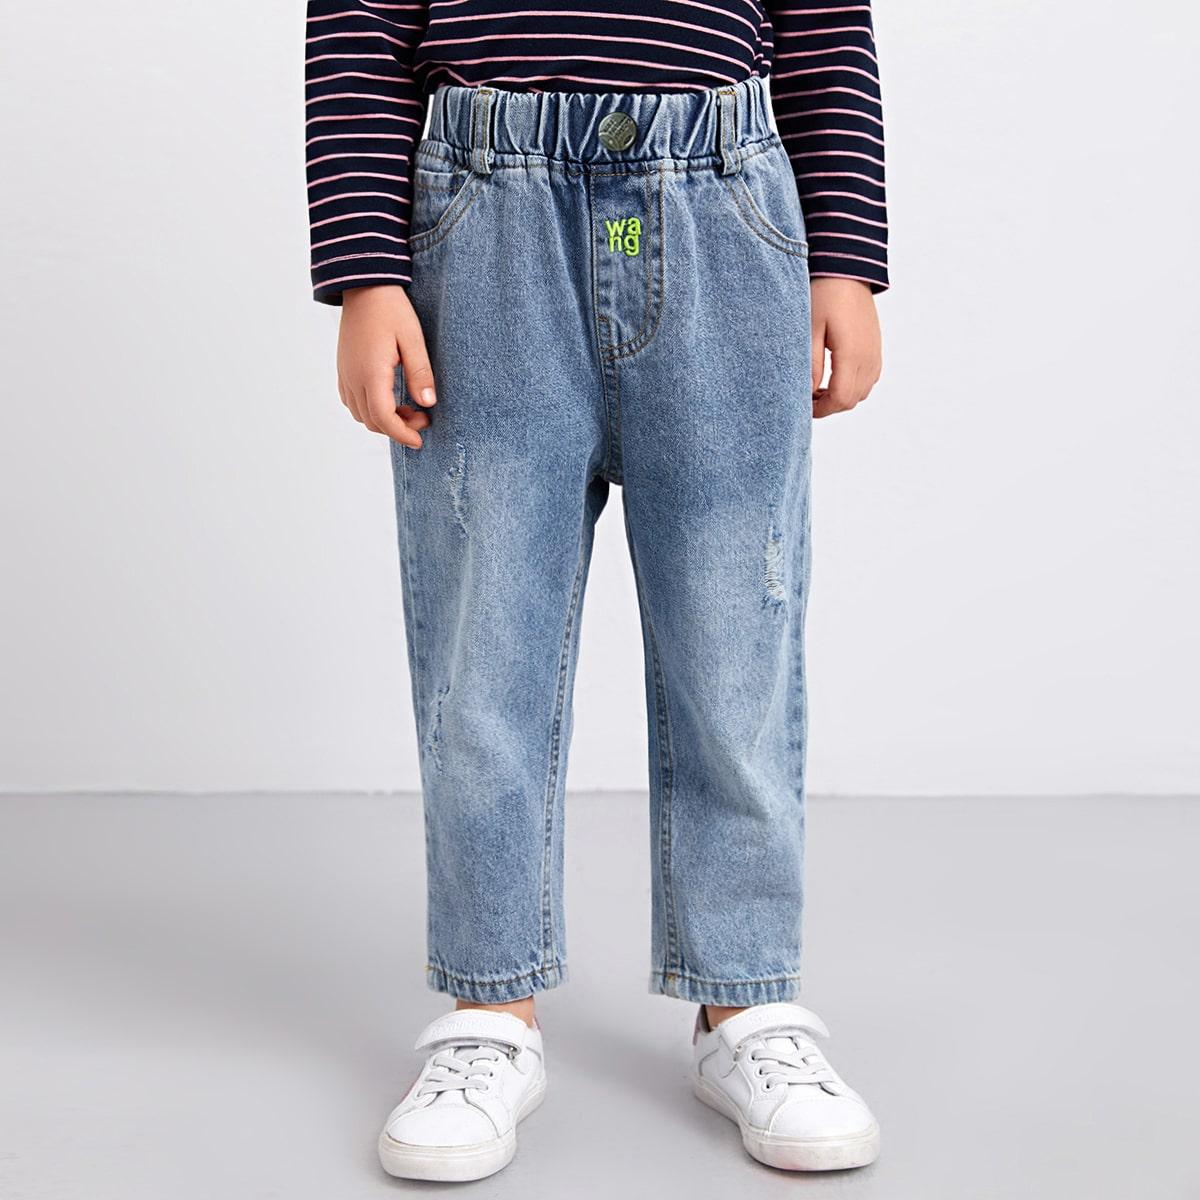 Рваные джинсы с текстовой вышивкой для девочек